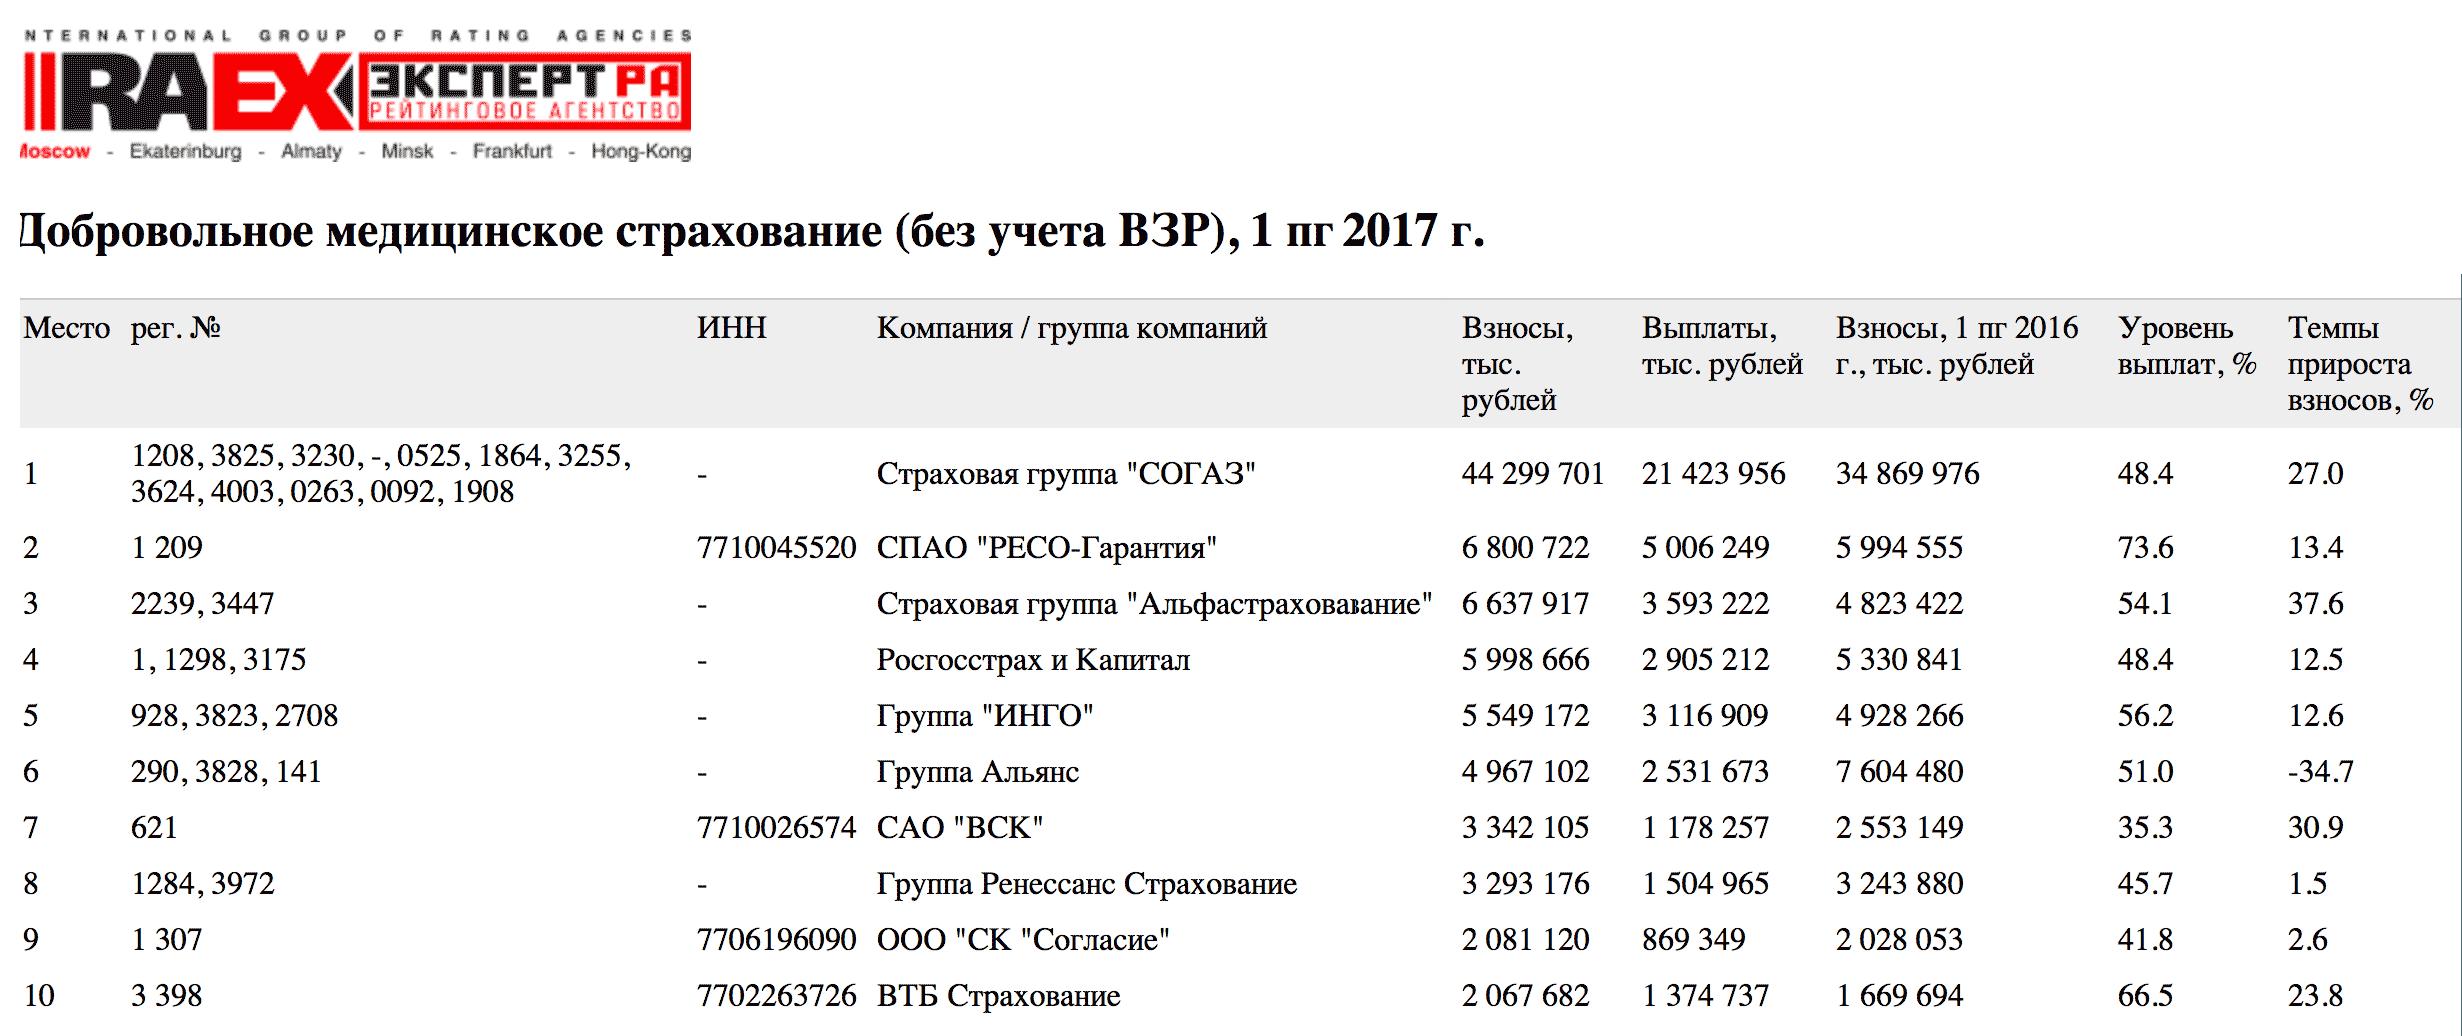 Лидирующие страховые компании на российском рынке ДМС в 2017 году, по данным рейтингового агентства «Эксперт»